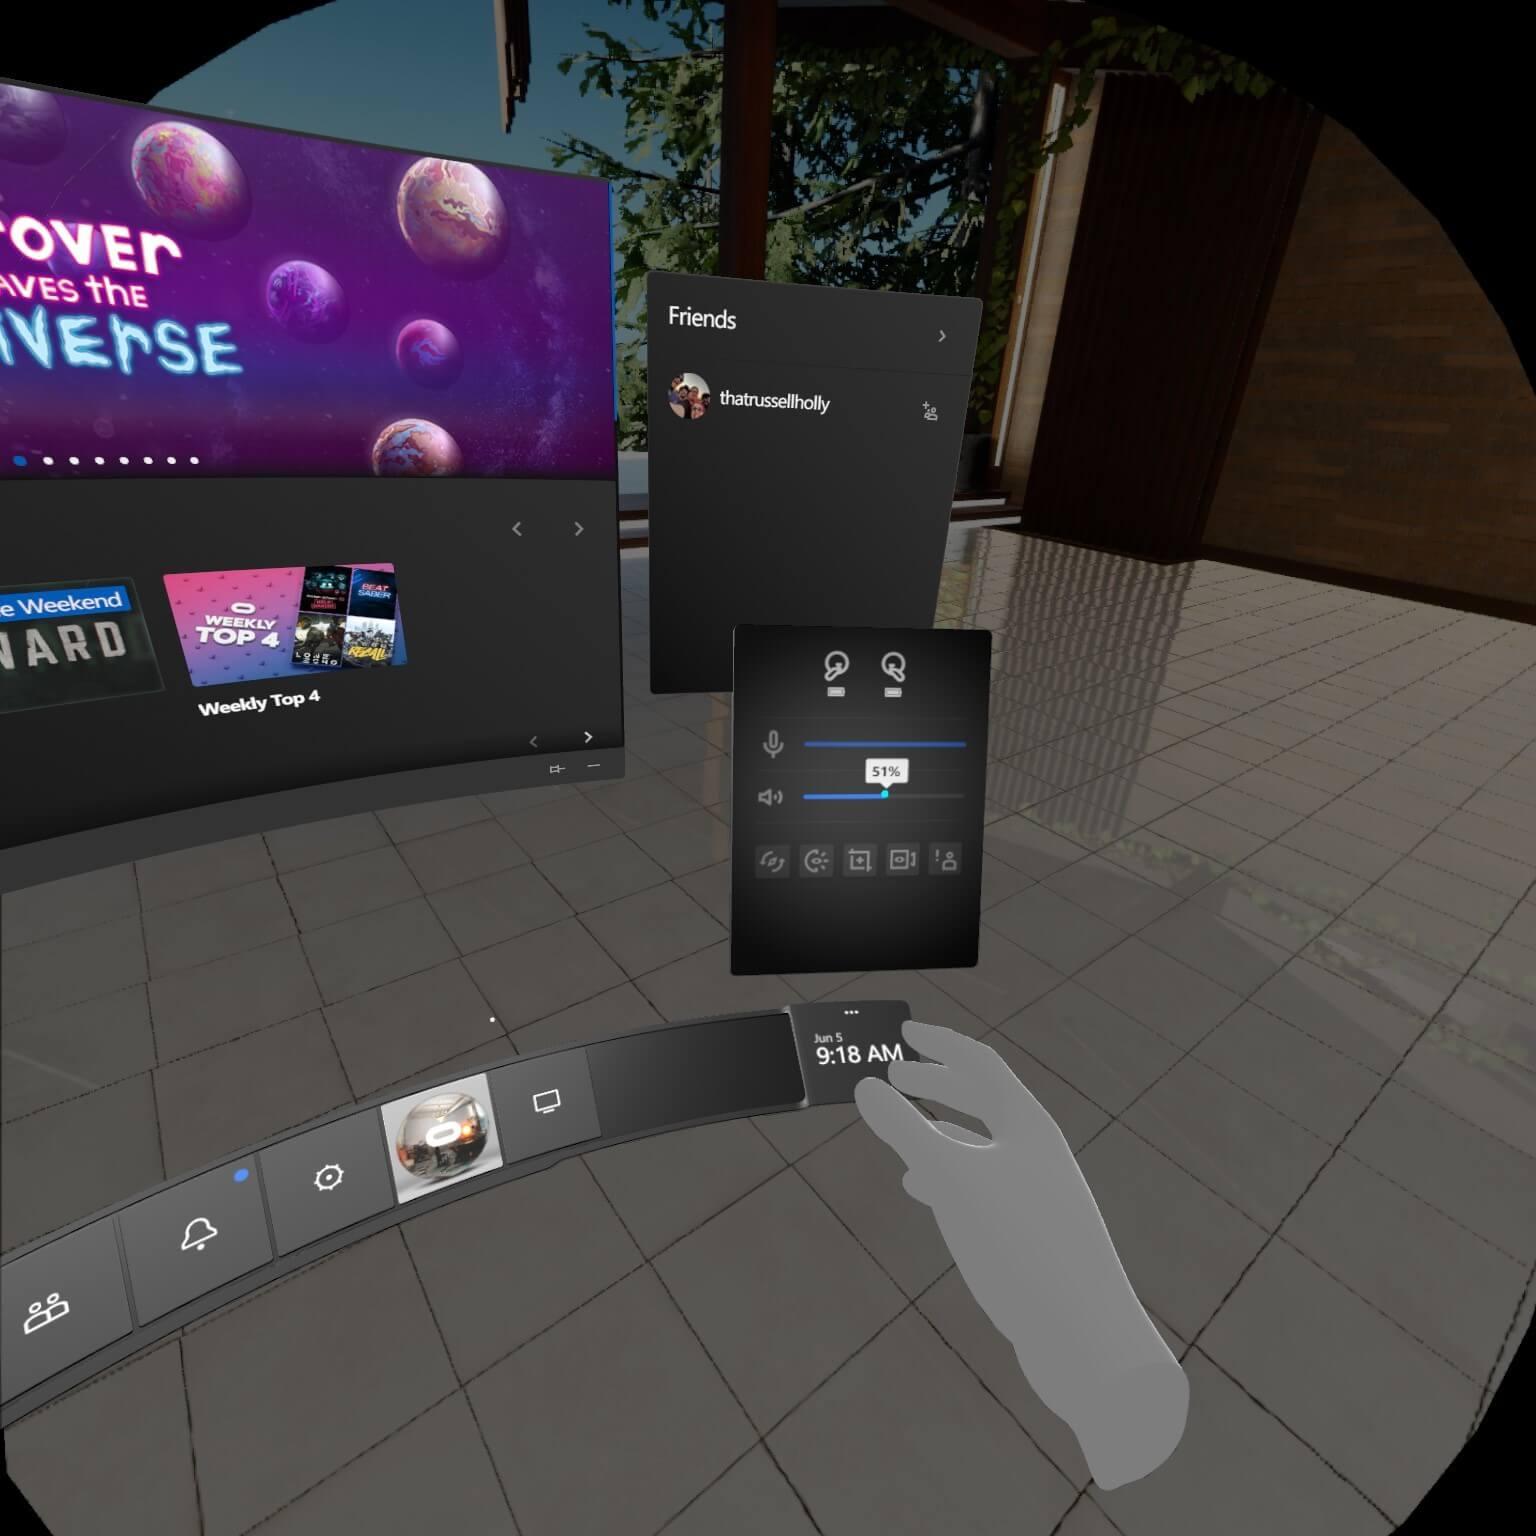 Oculus Rift S vlack screen